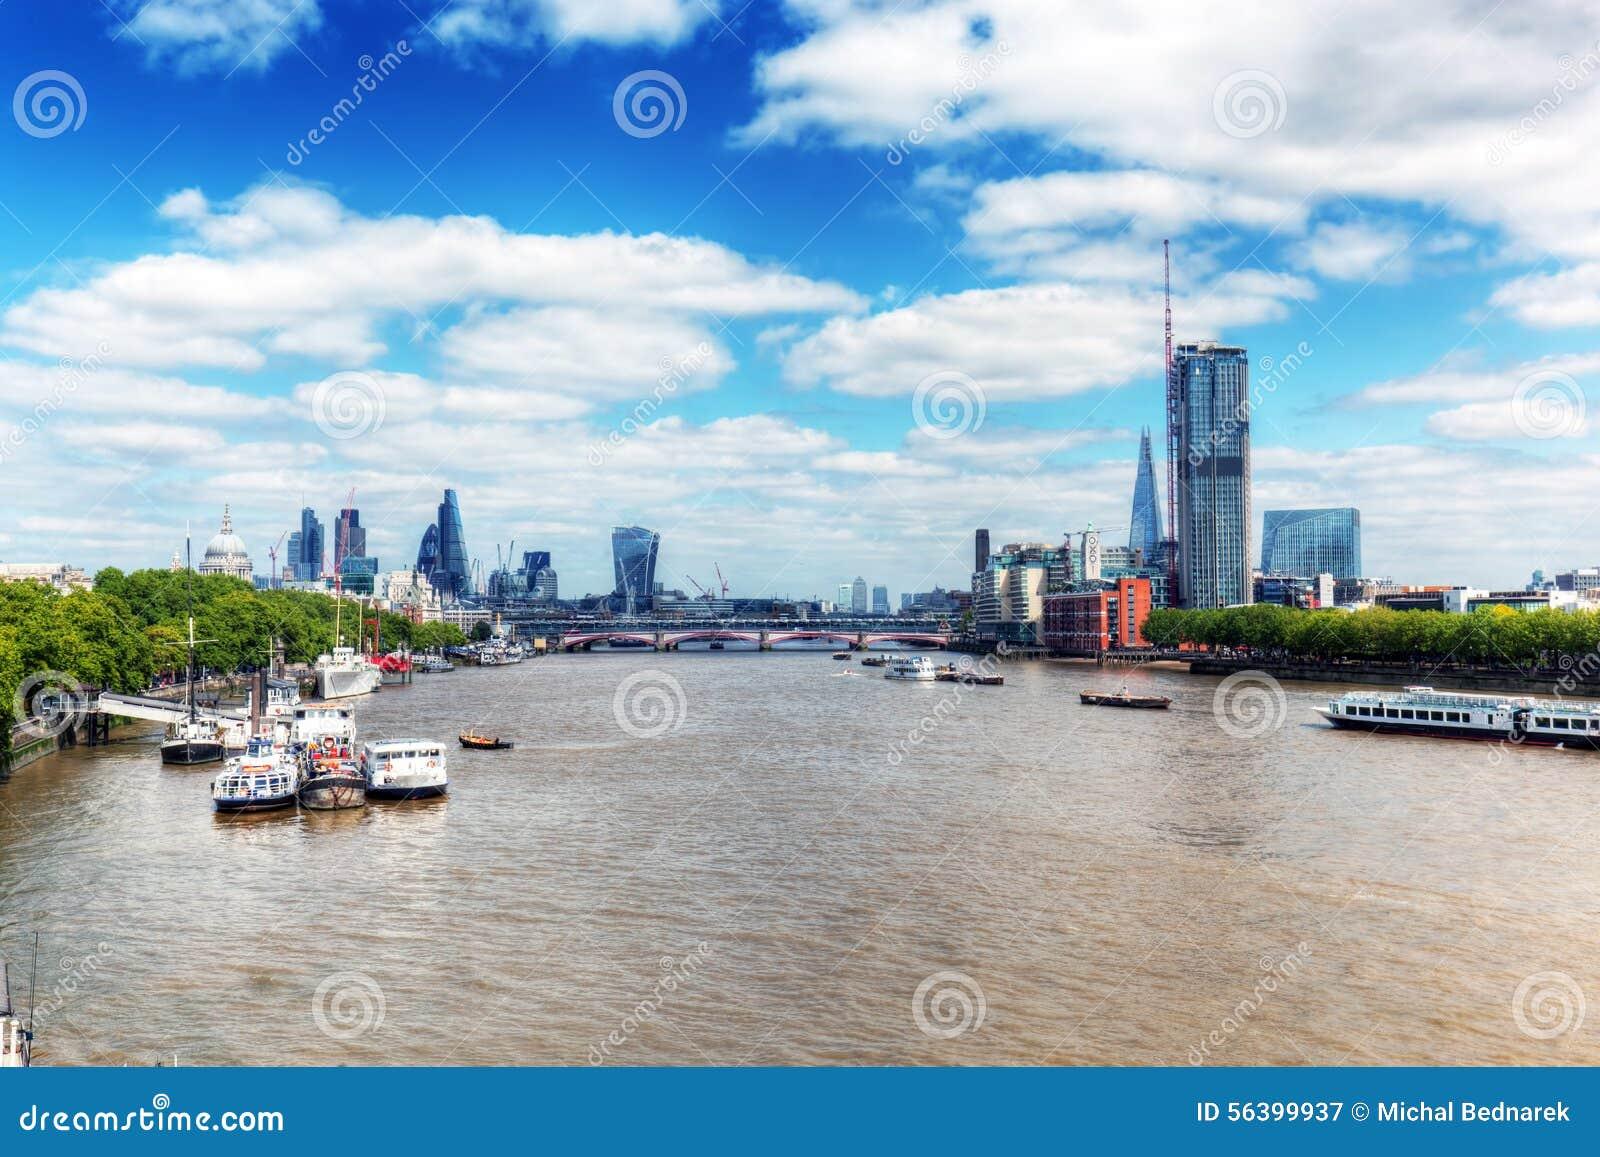 Londres, Reino Unido Opinión sobre la catedral del río Támesis y de San Pablo, la ciudad